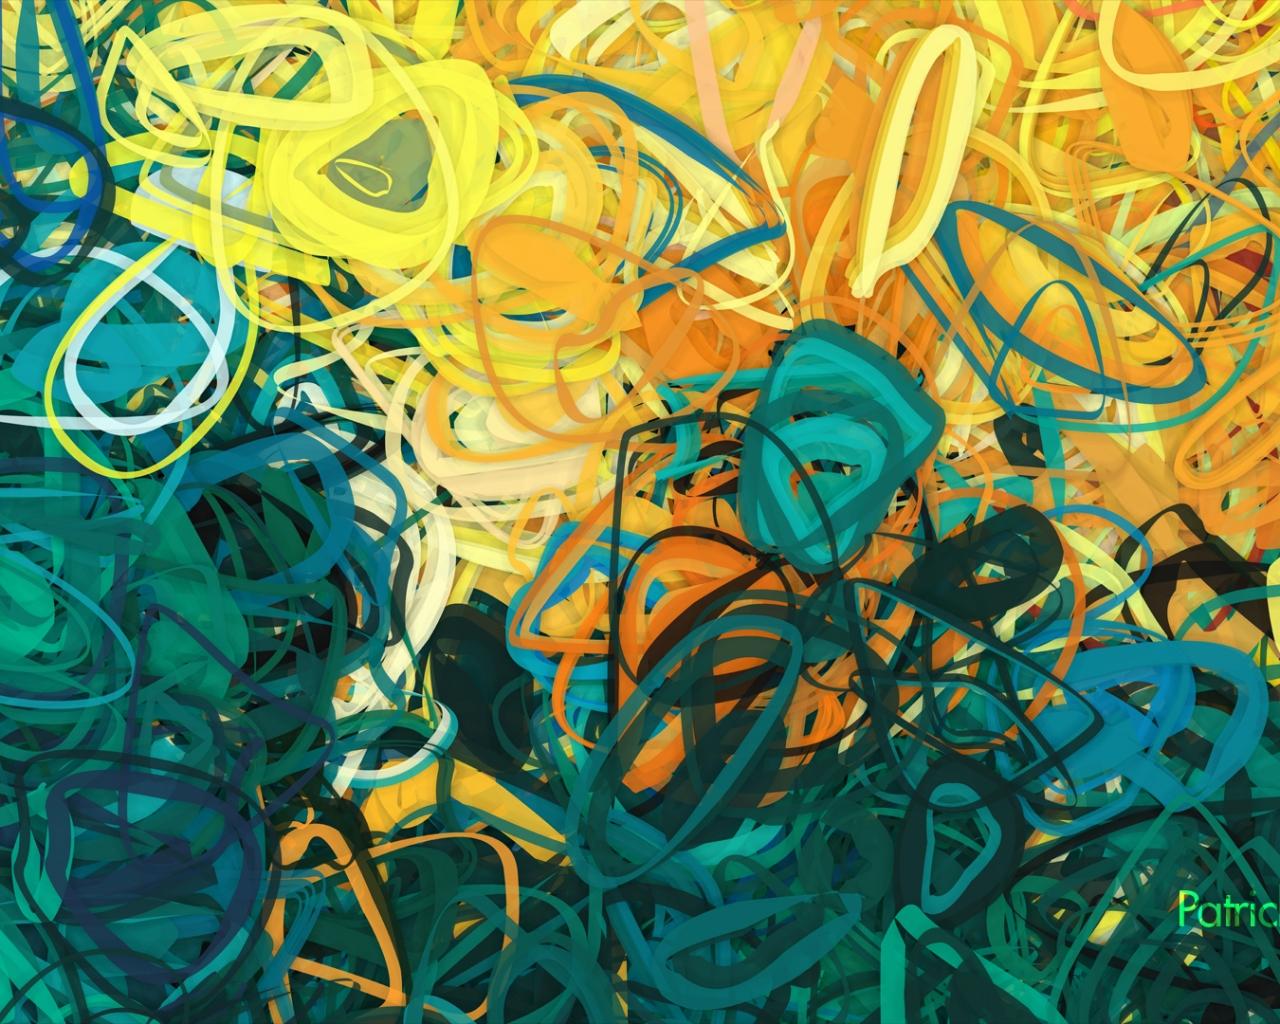 Lineas circulares abstracto - 1280x1024